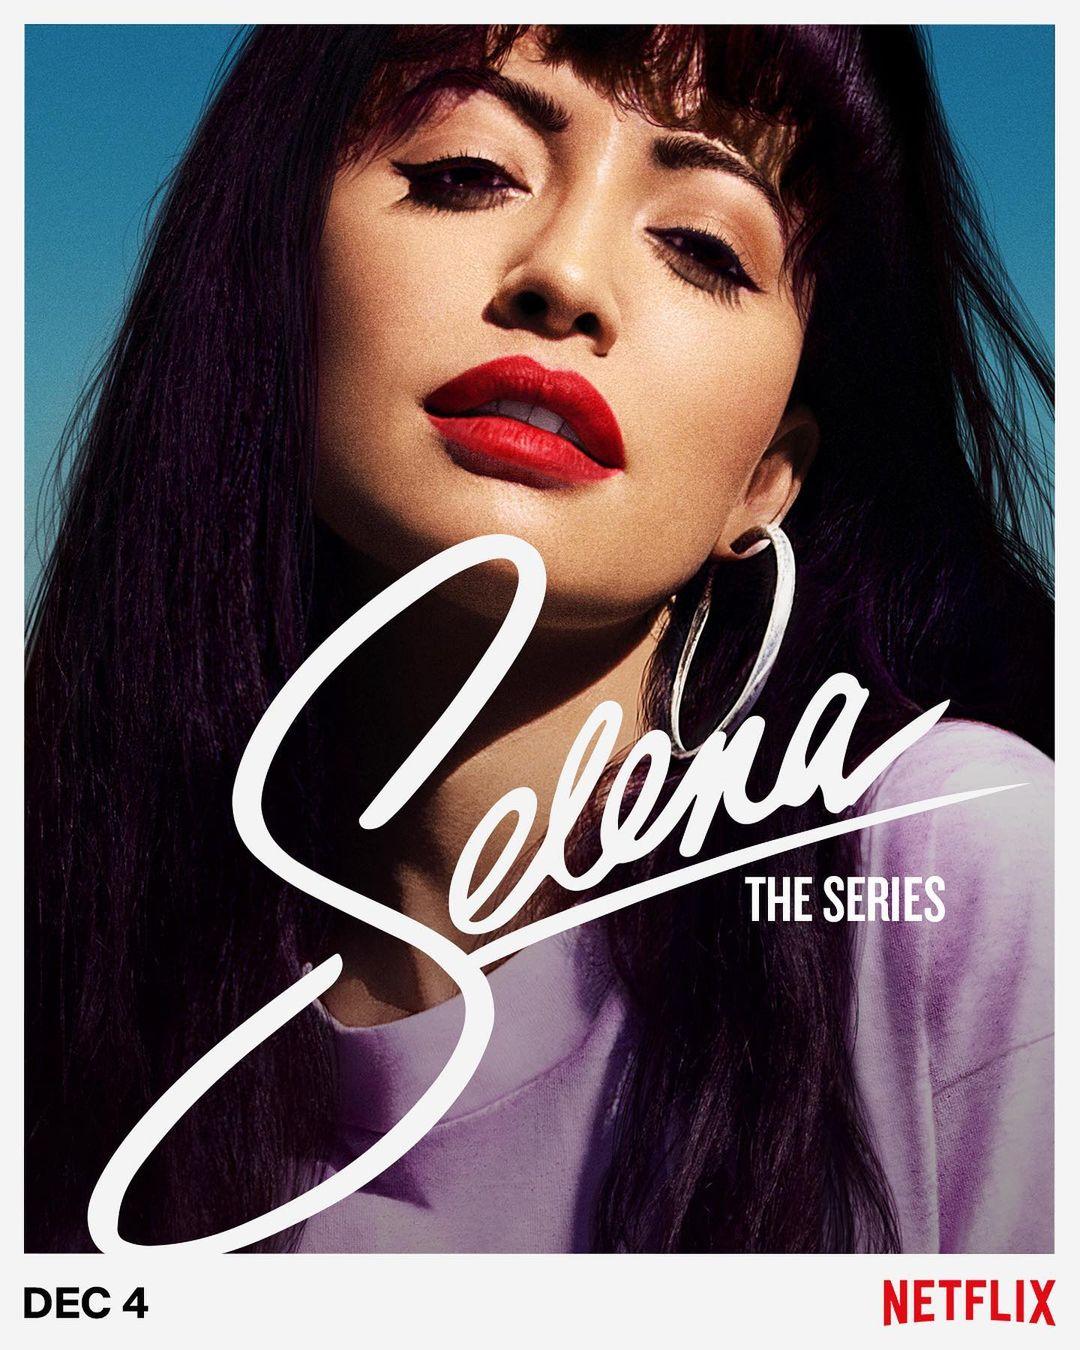 Selena Quintanilla serie netflix